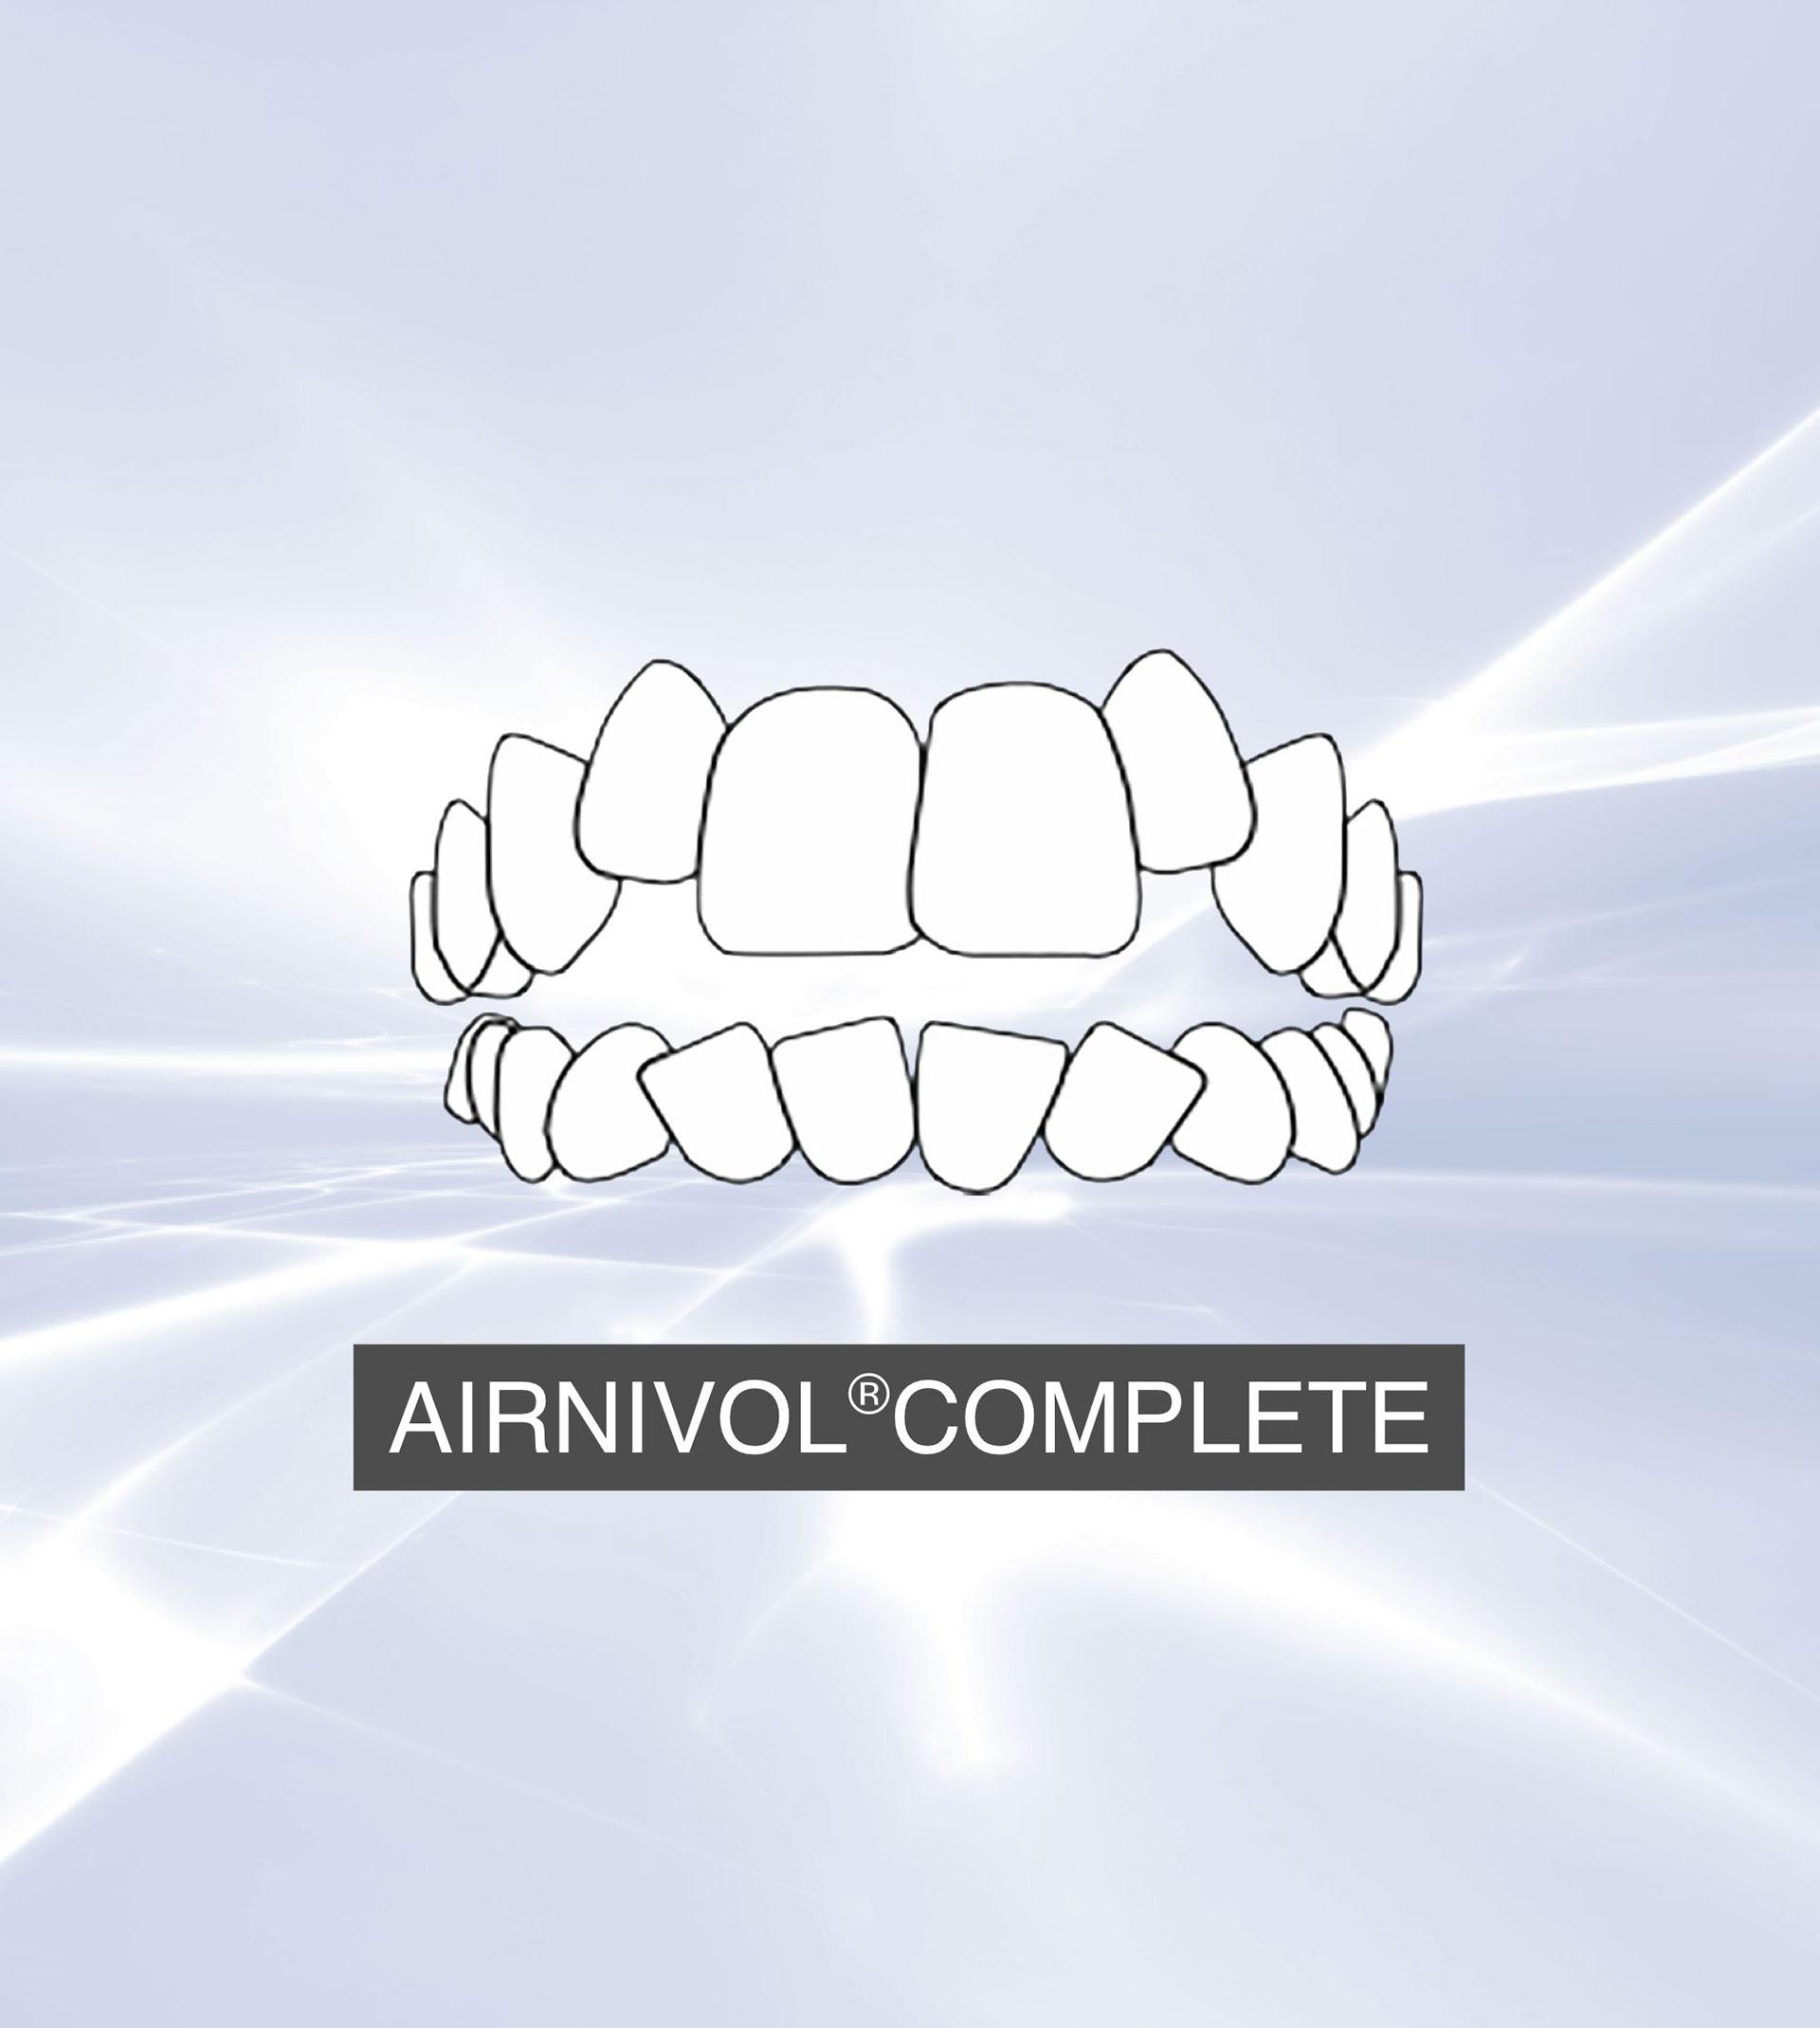 airnivol-complete